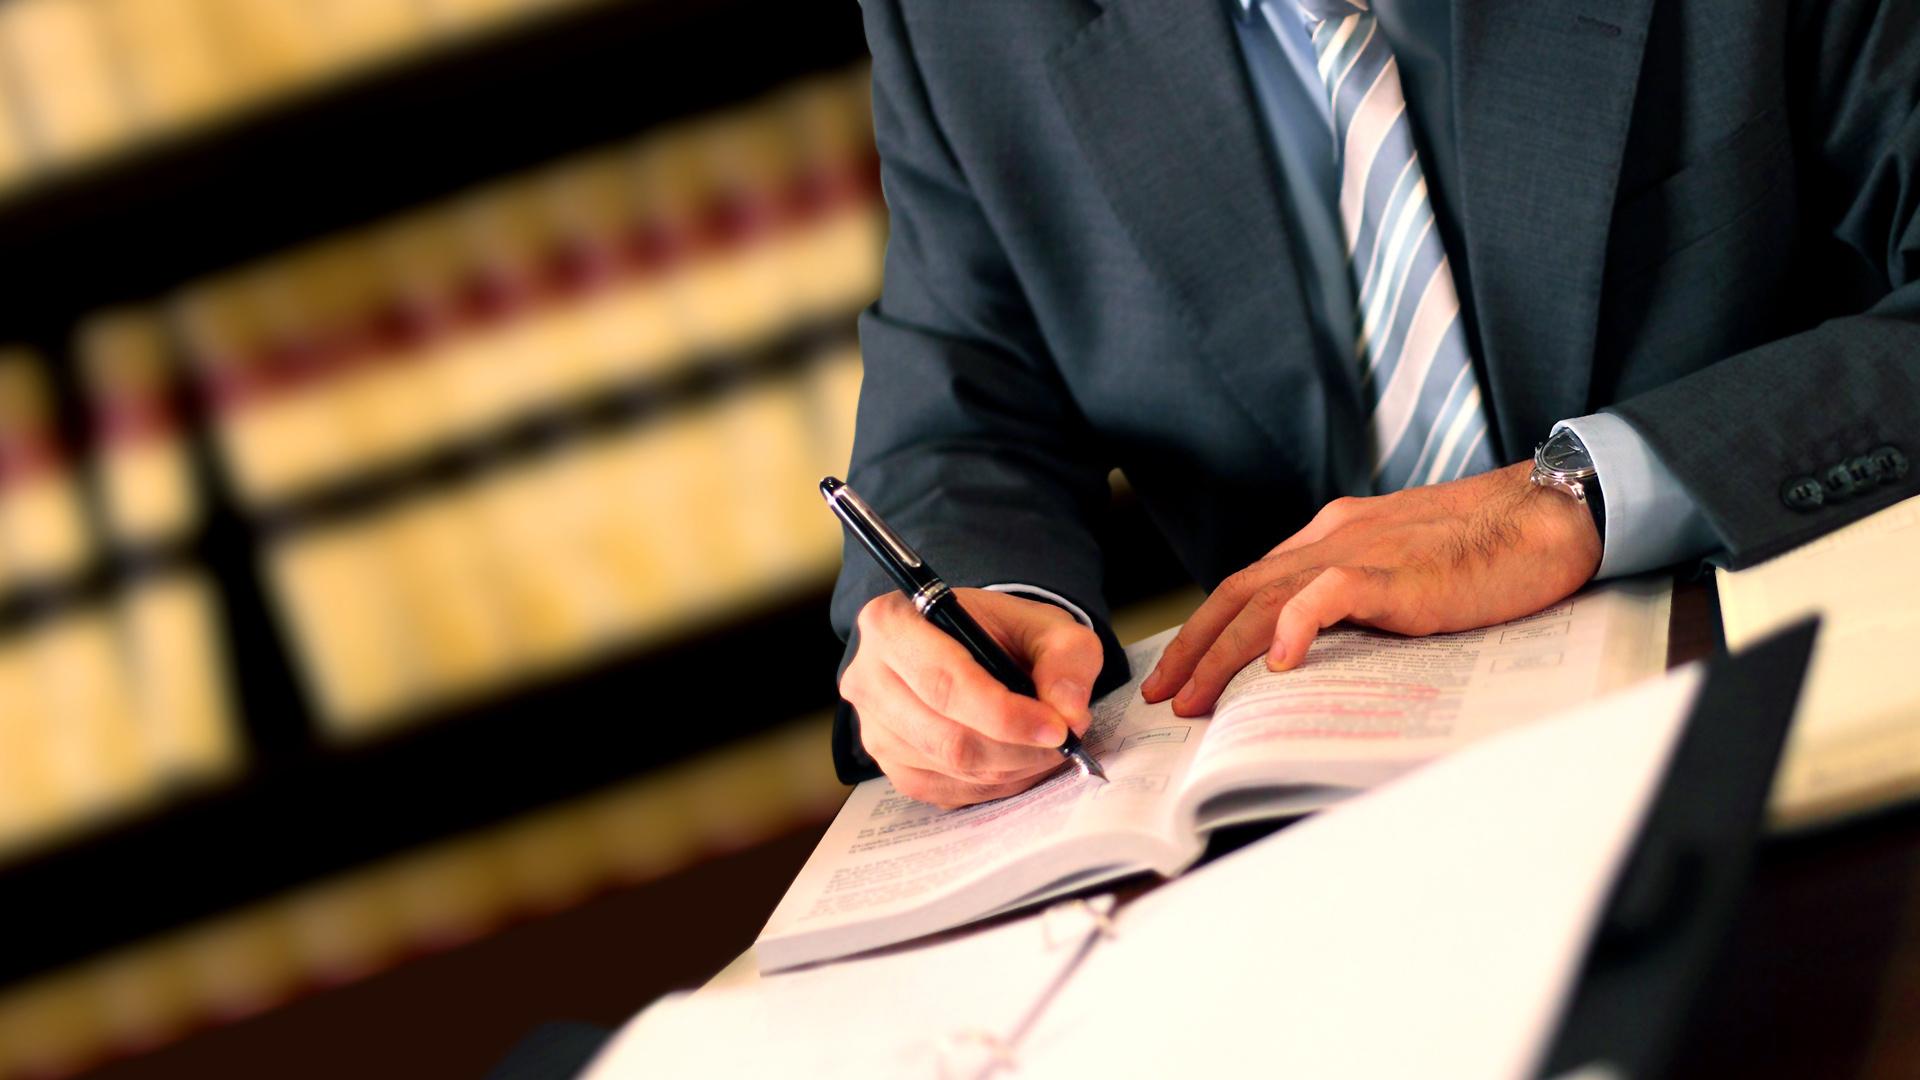 Validar diploma em portugal advogado